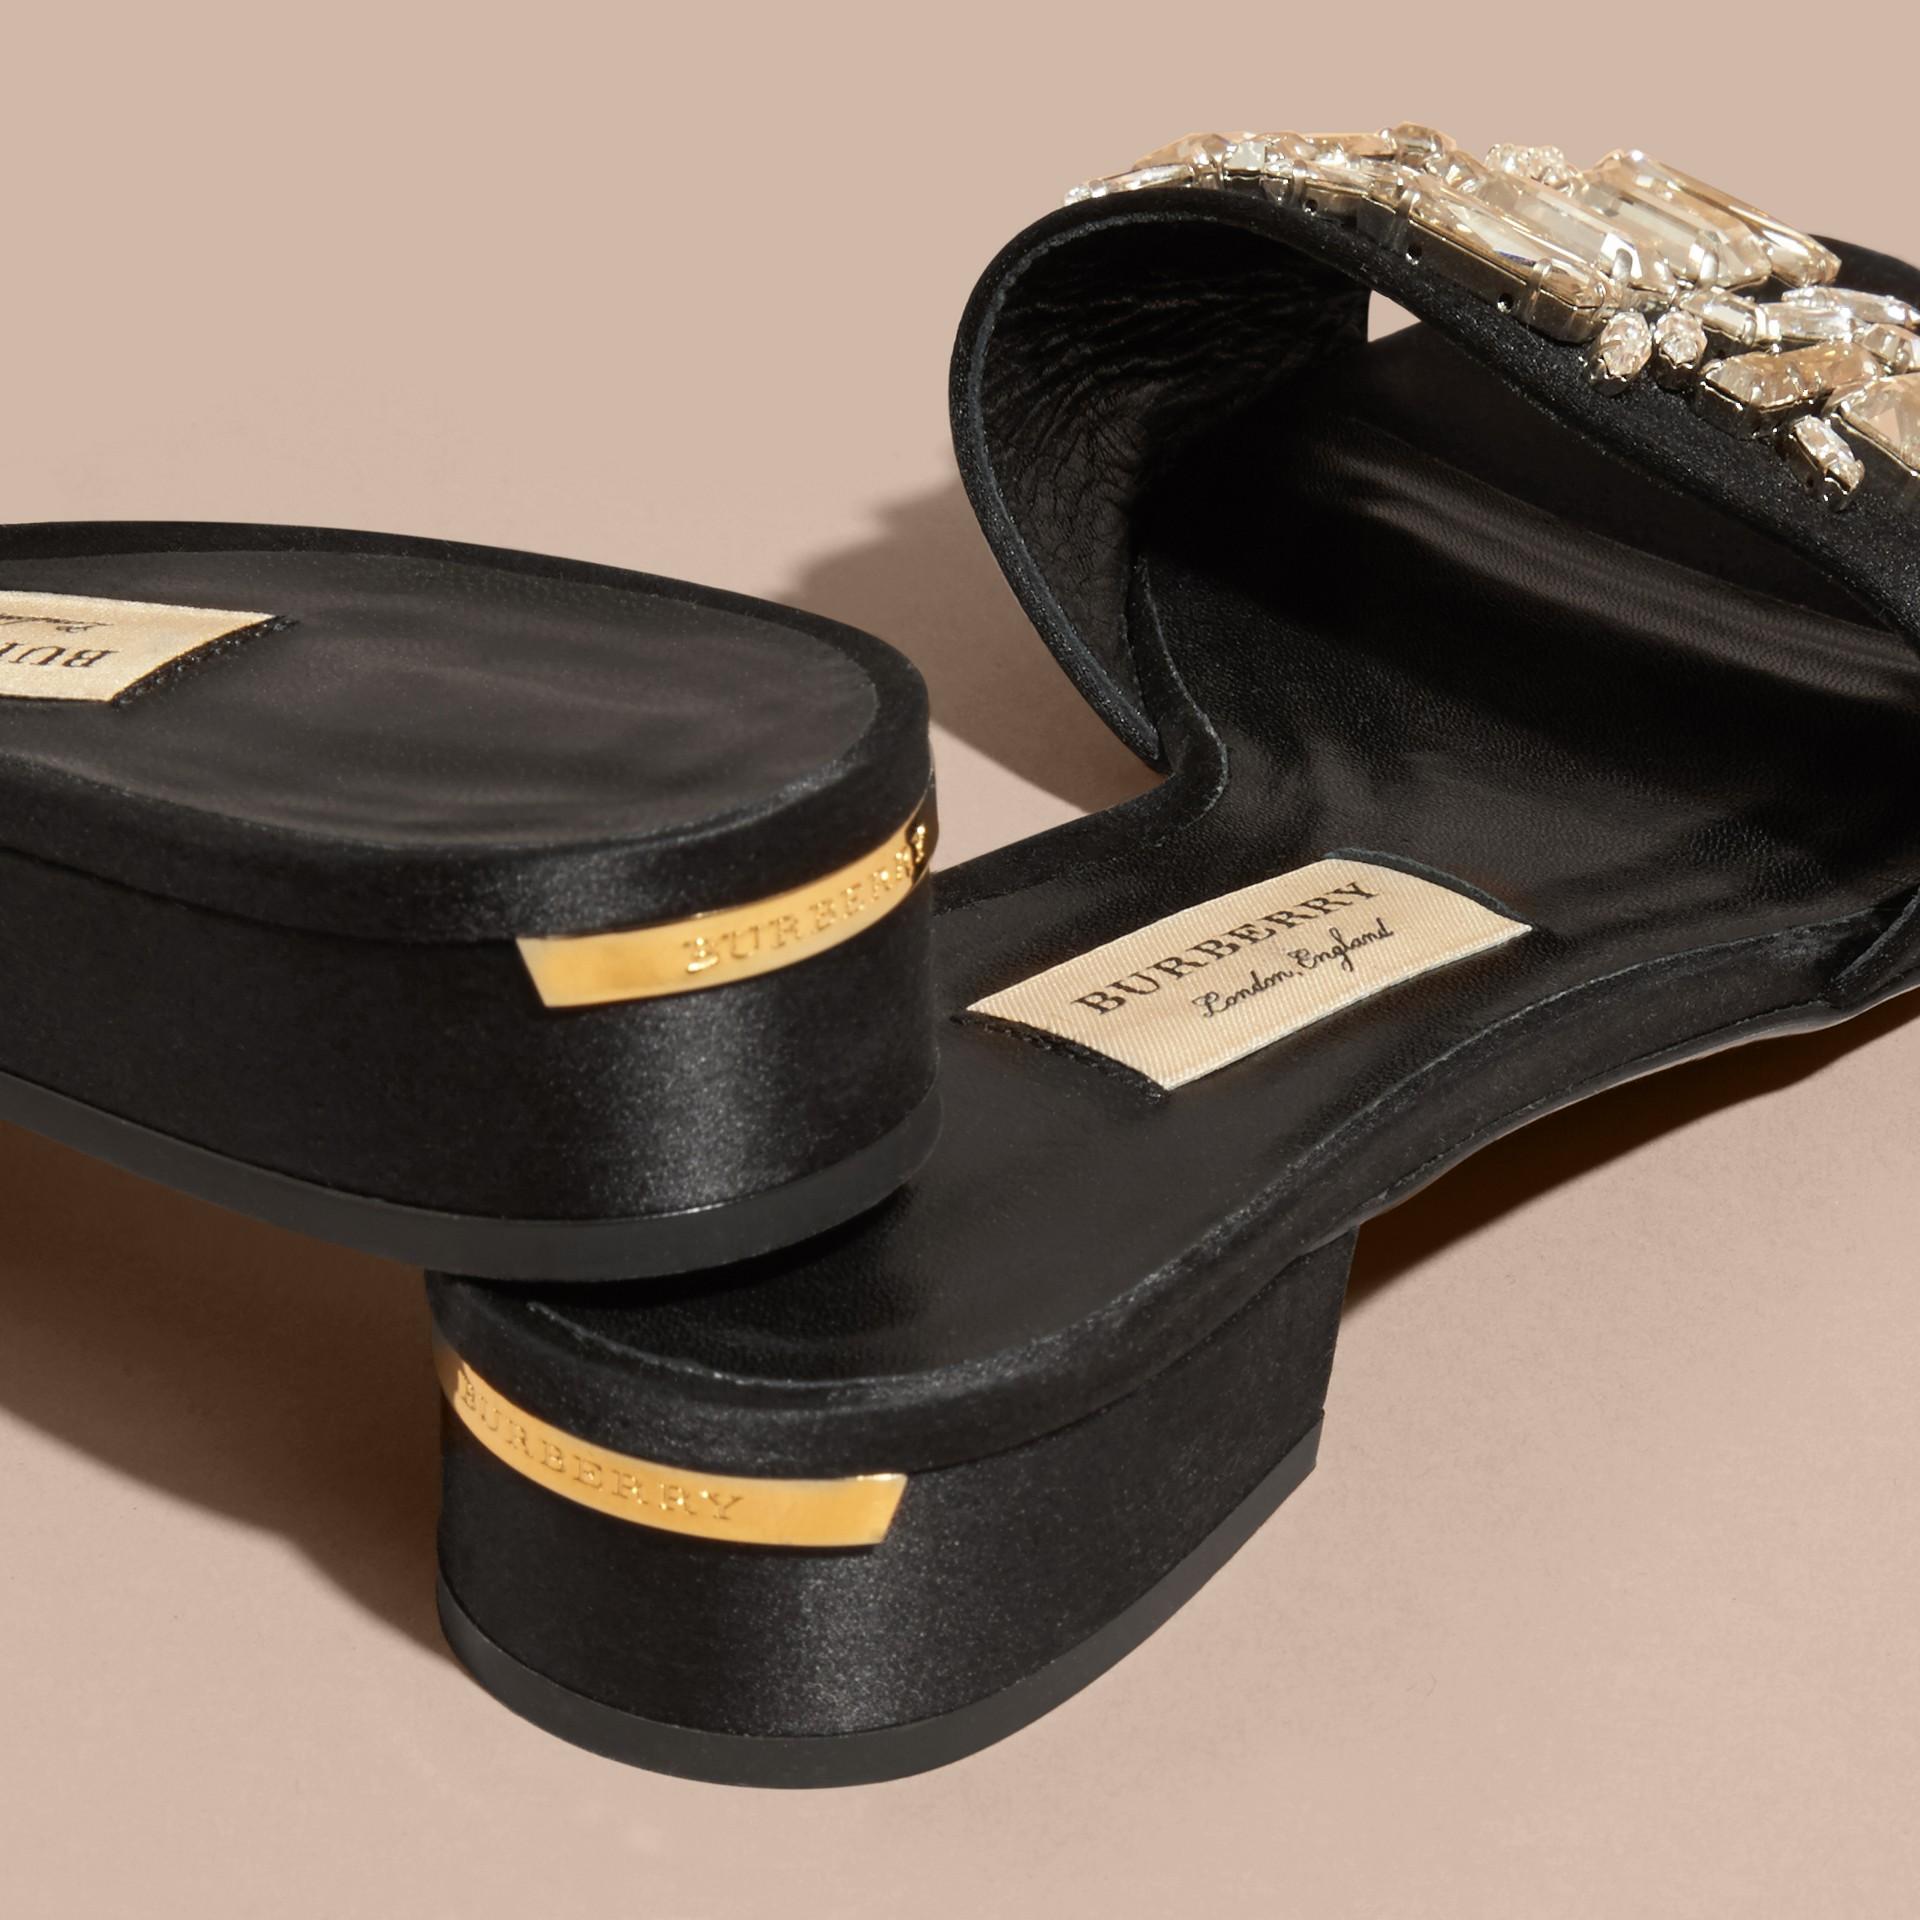 Schwarz Sandalen im Slipper-Design mit Schmucksteinen - Galerie-Bild 4